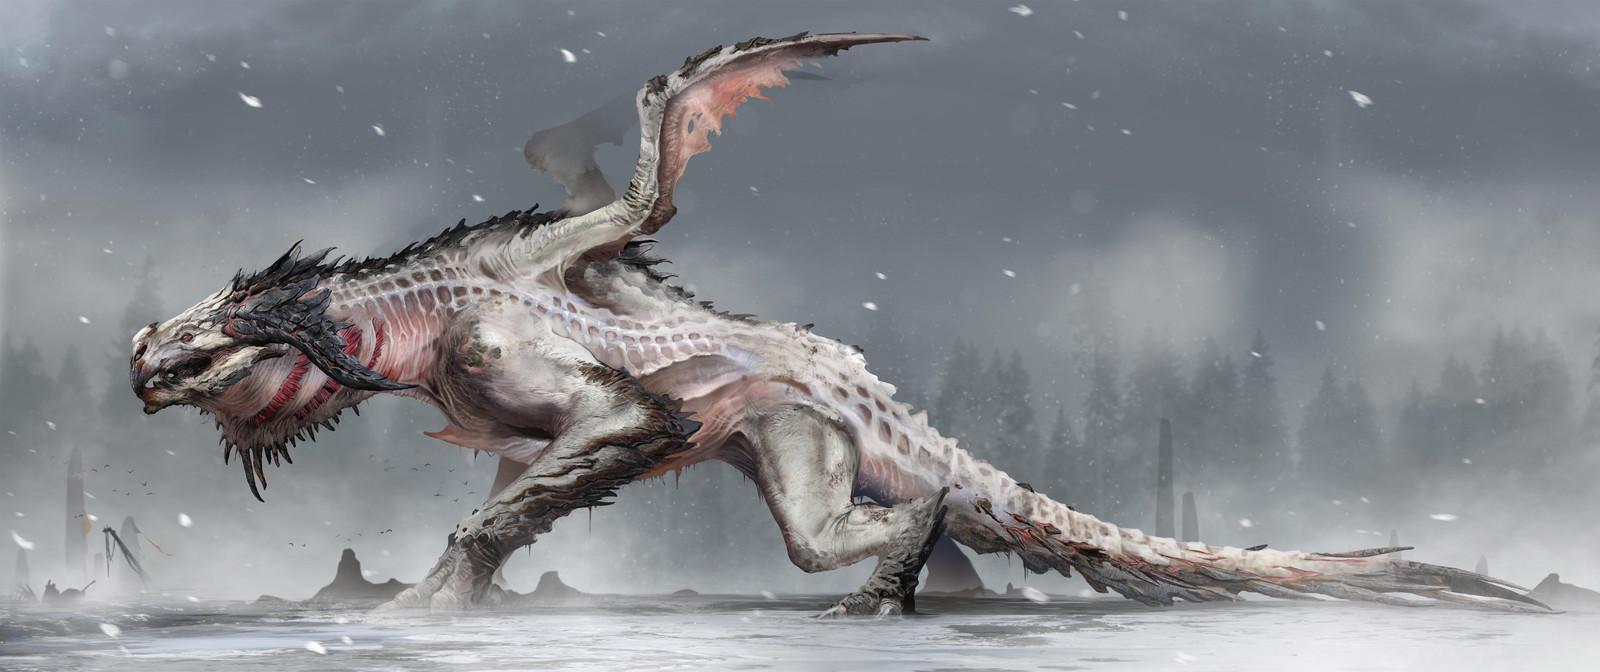 Hraezlyr Dragon Concept